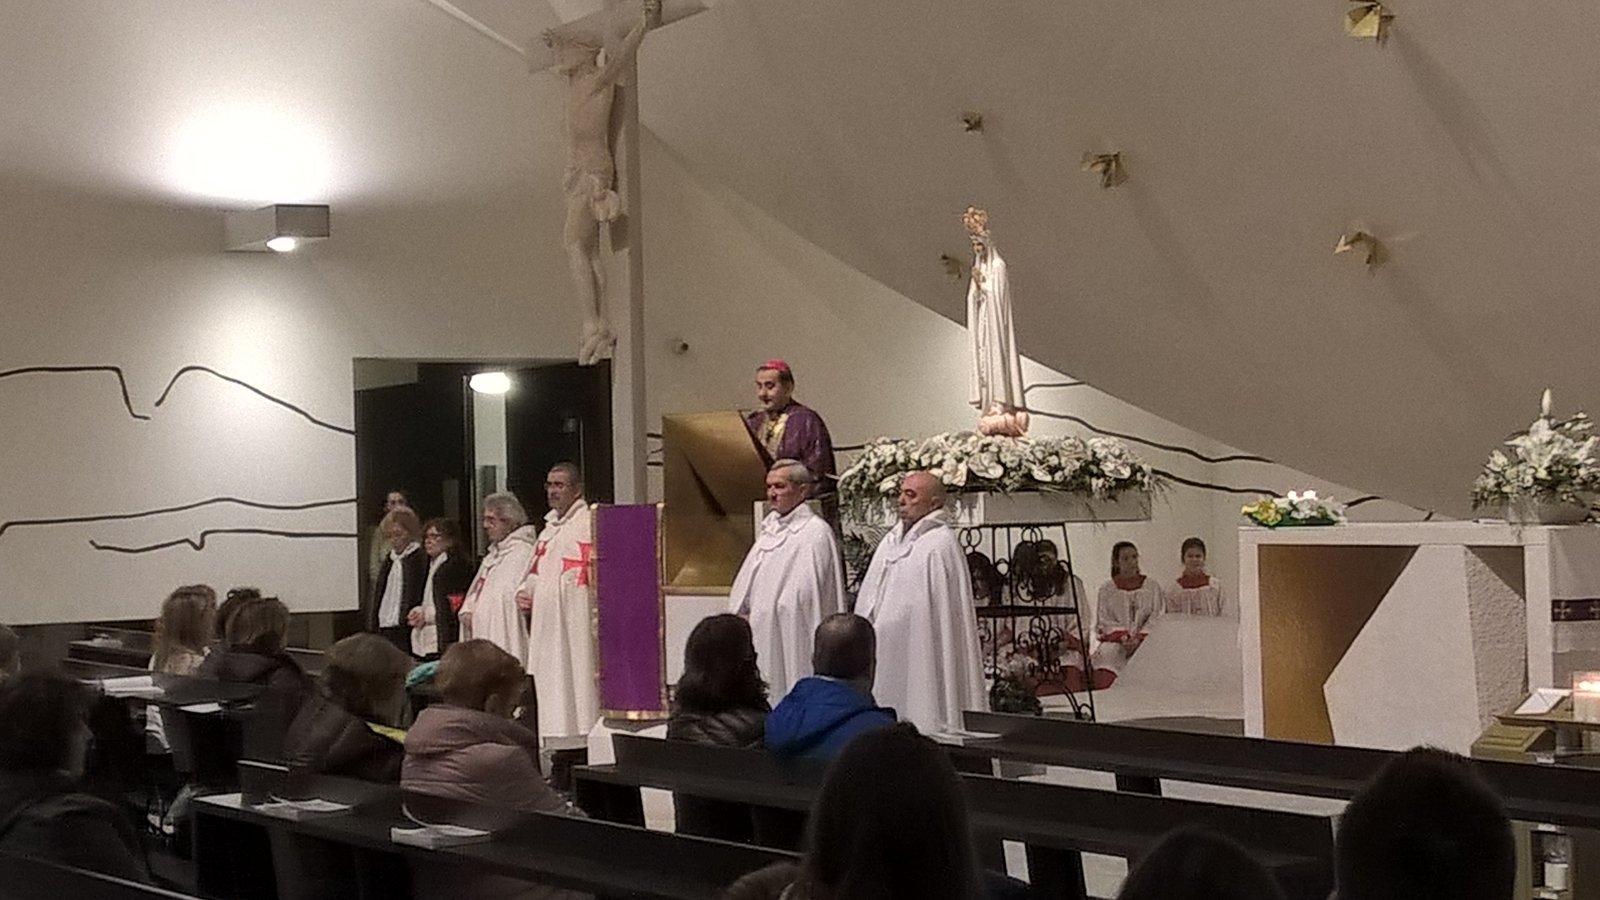 Matka Boża Pielgrzymka z Fatimy w Trezzano sul Naviglio z Mons. Mario Delpini.